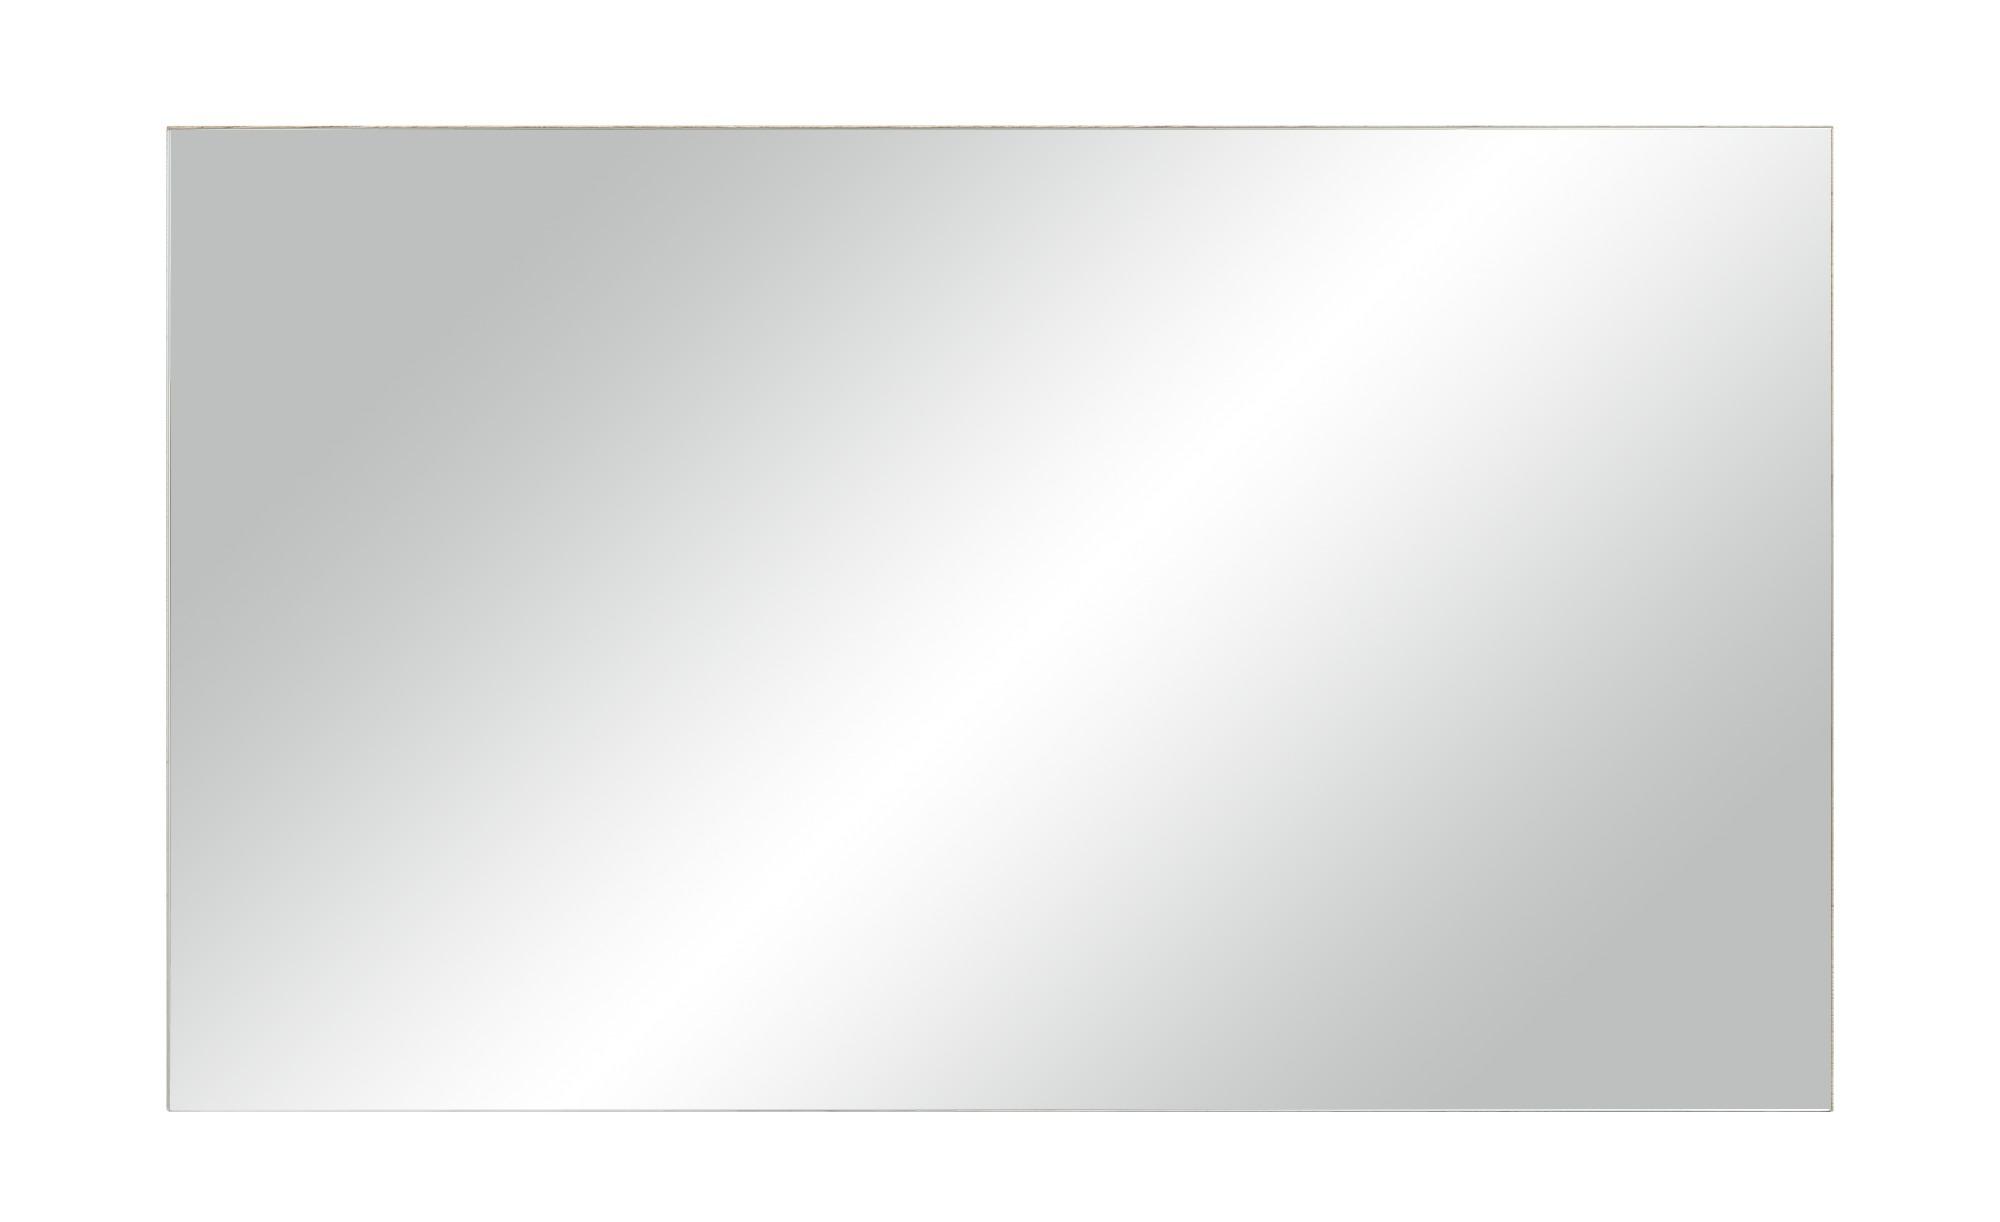 Uno spiegel tybal breite 98 cm h he 58 cm holzfarben for Schlafsofa uno